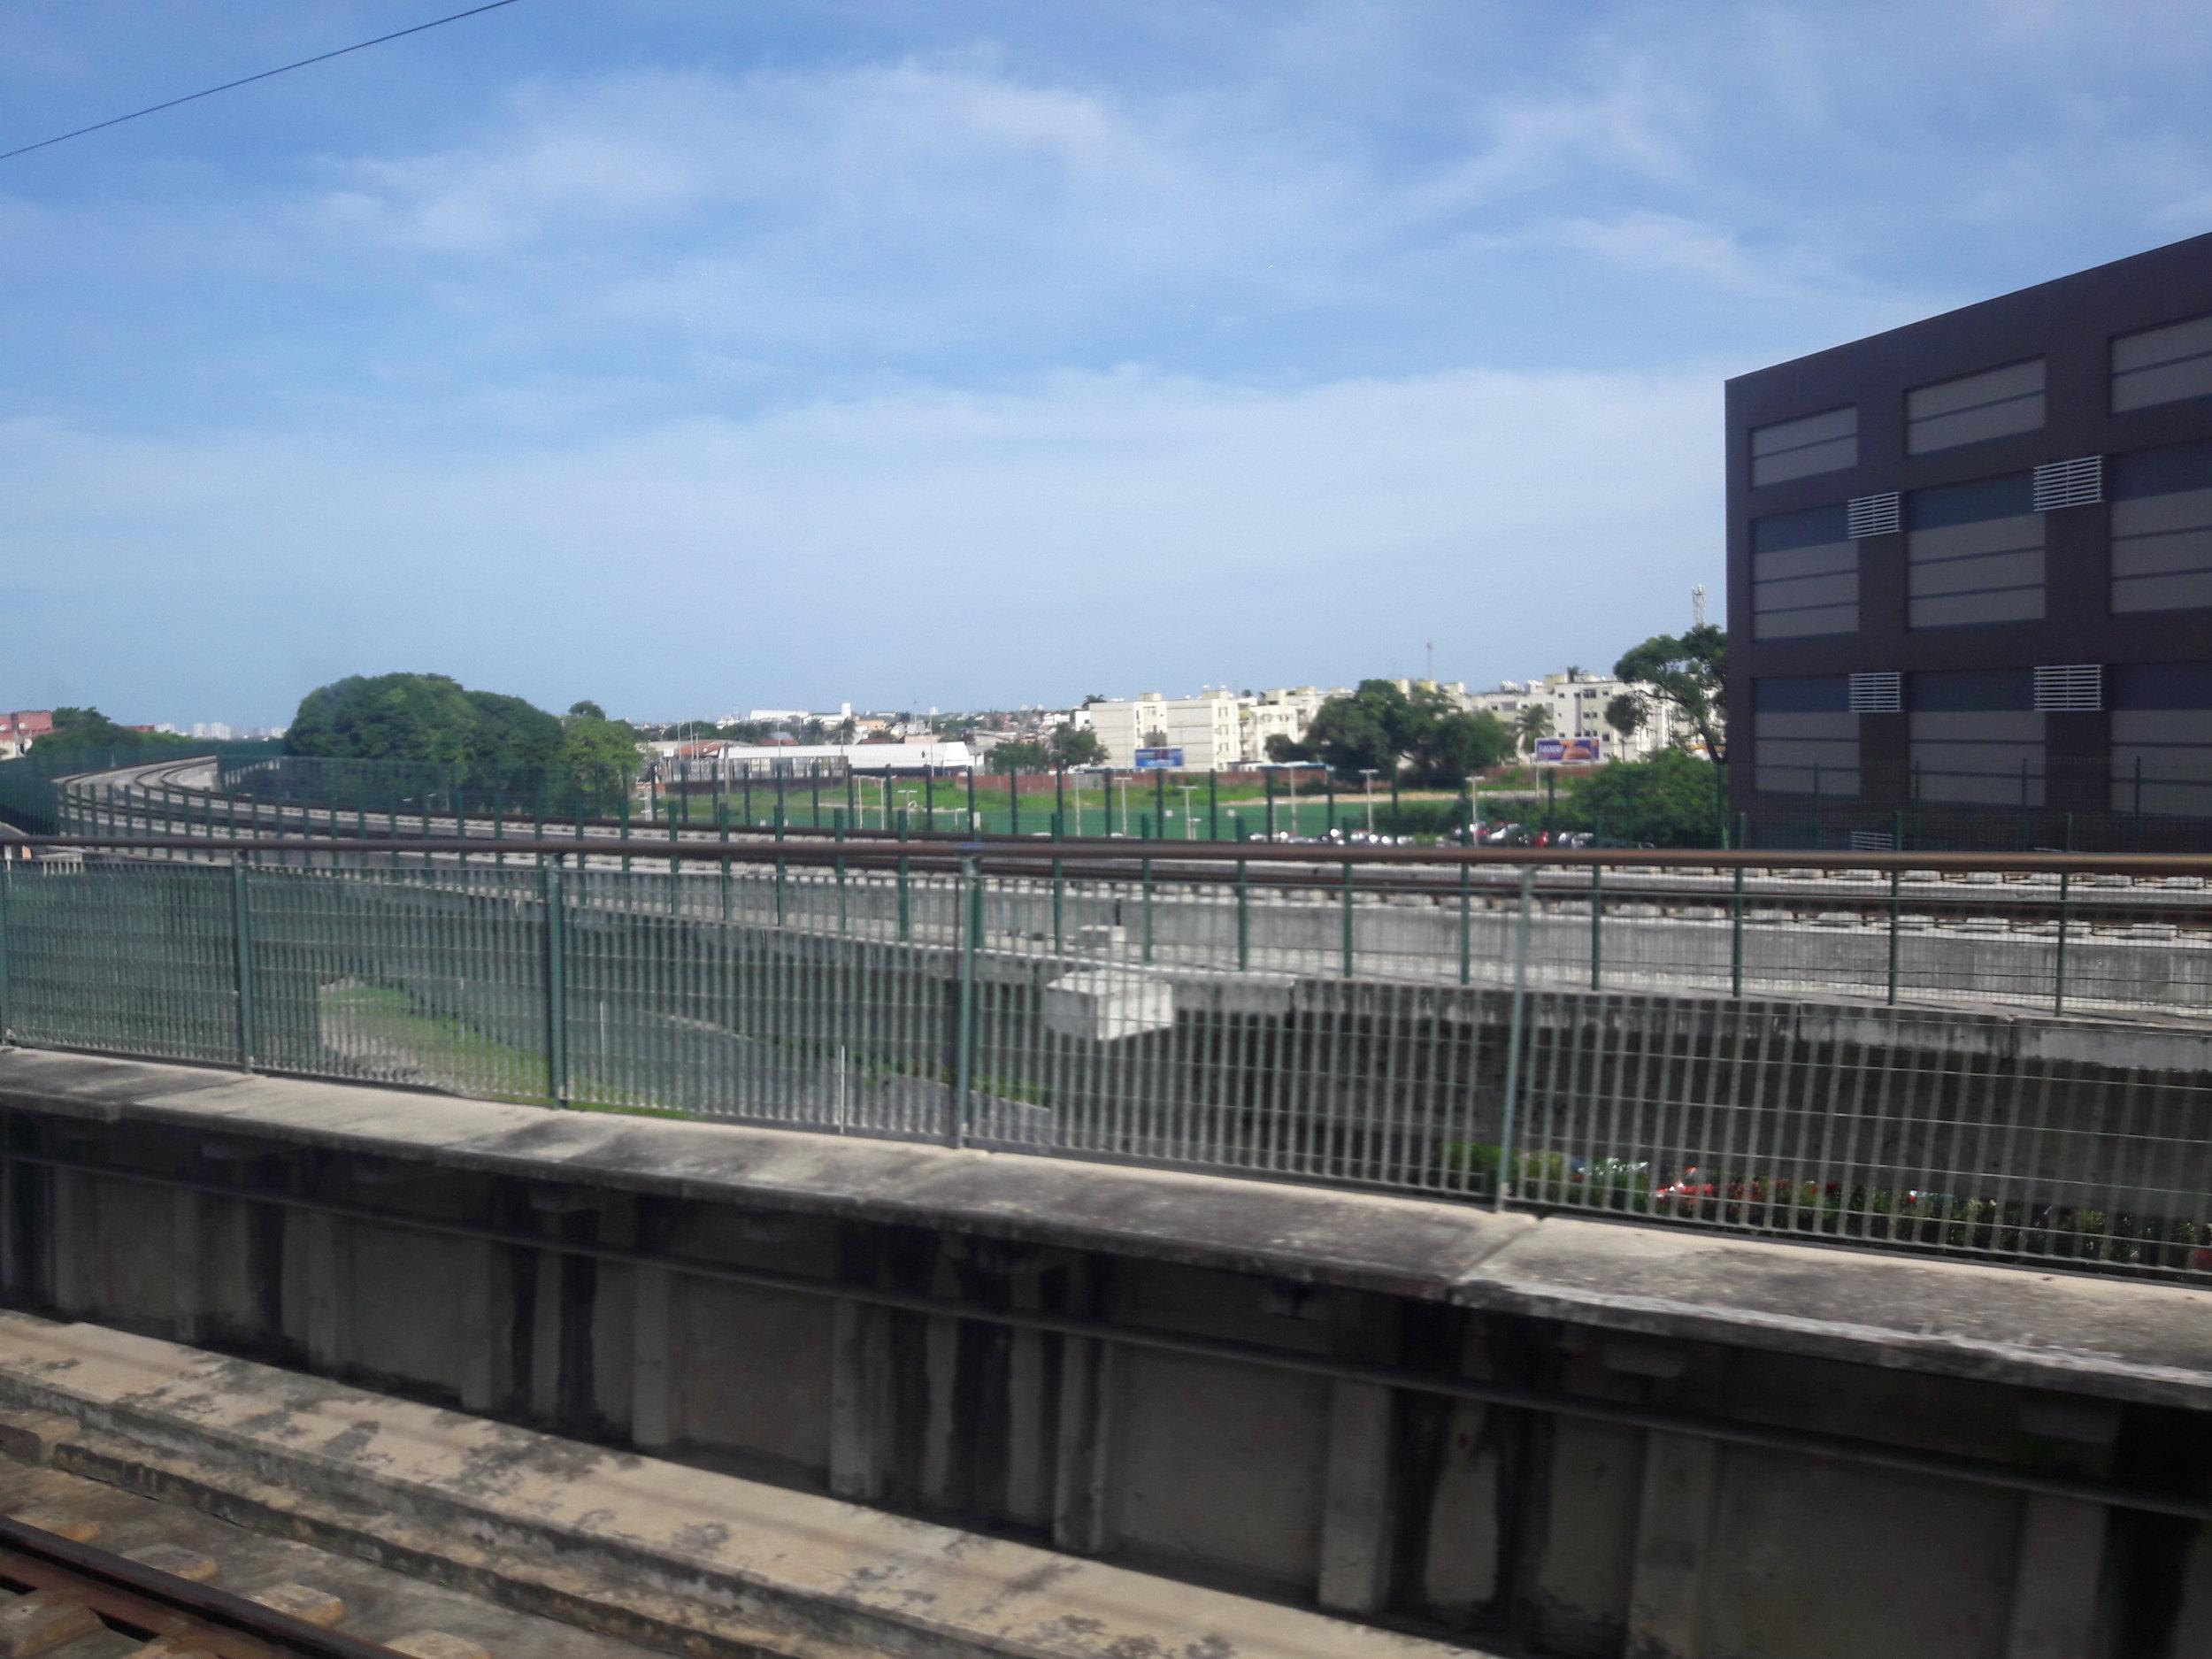 Pohled na přibližující se estakádu linky lehkého metra u stanice Parangaba.